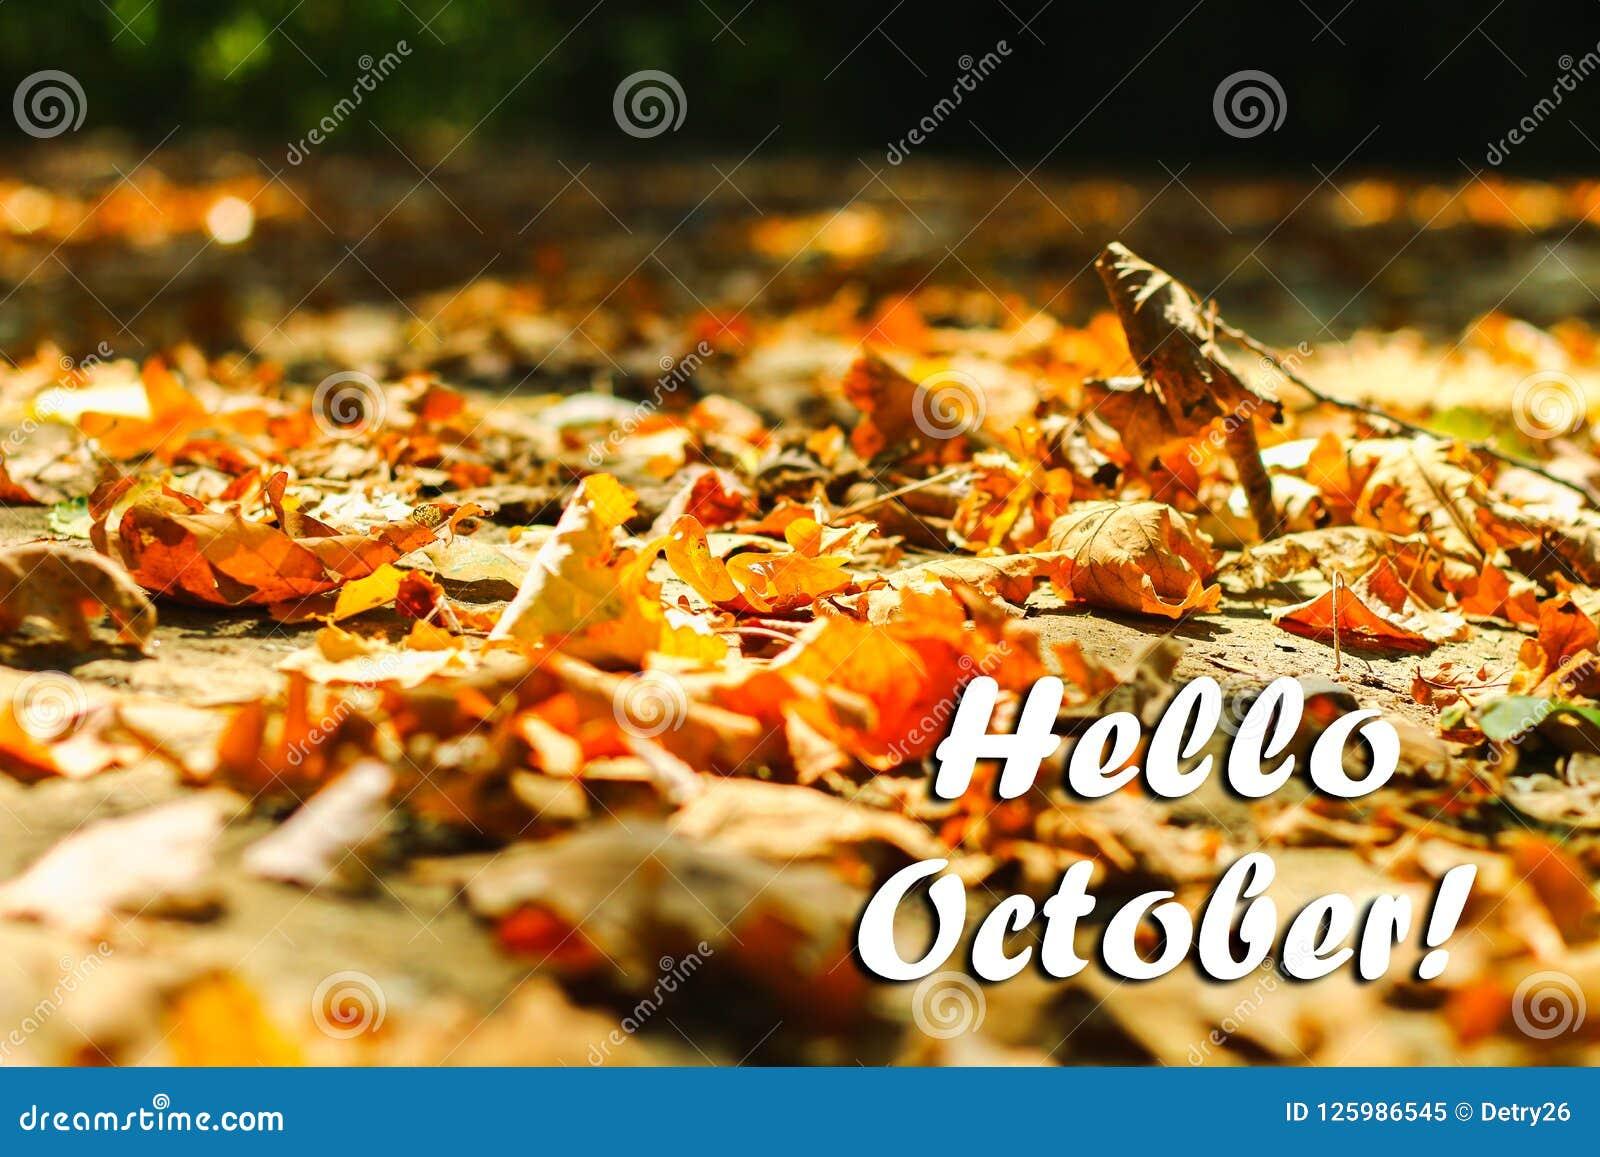 Le fond des feuilles d automne de feuilles d automne en parc sur terre, jaune, vert part dans le parc d automne bonjour octobre